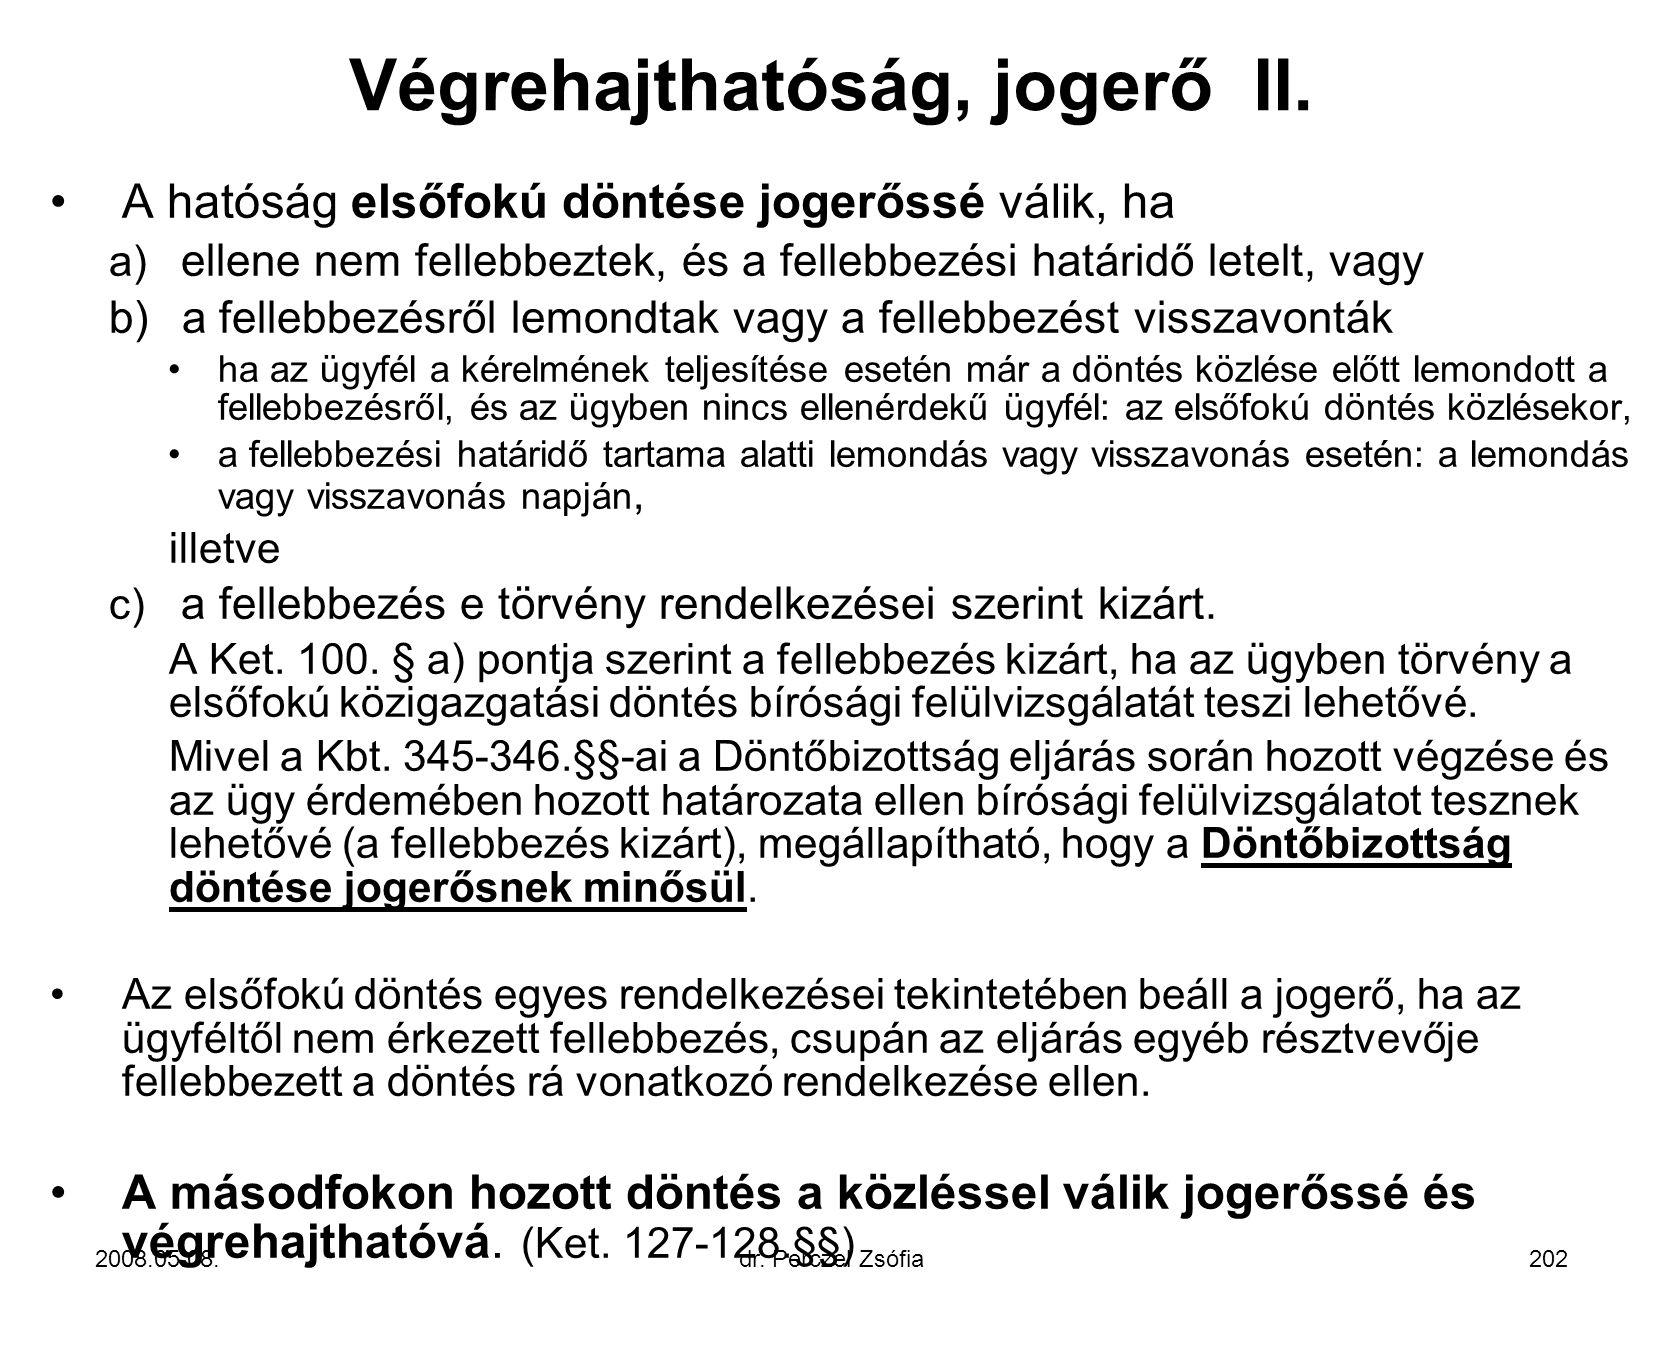 Végrehajthatóság, jogerő II.